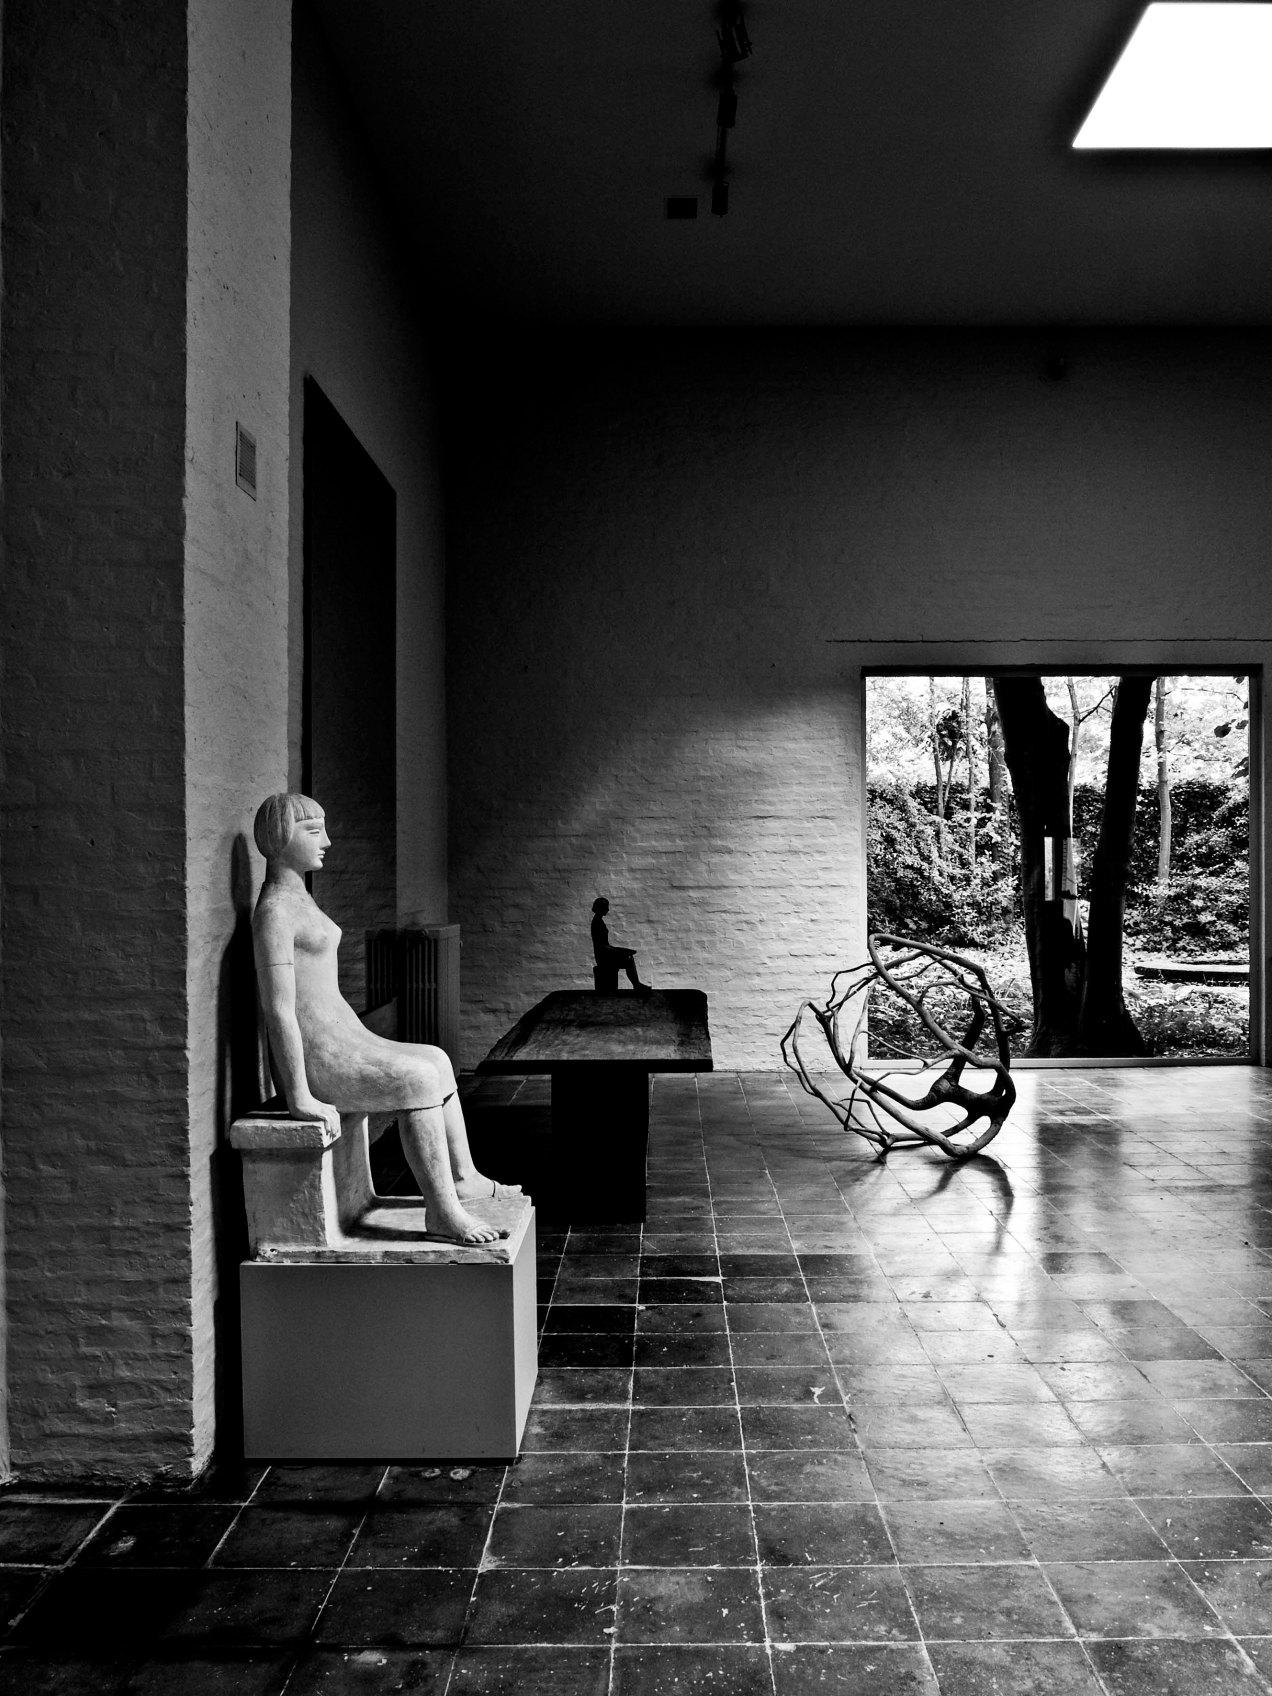 L'atelier du sculpteur, gildalliere, Vil, Belgique, 2011